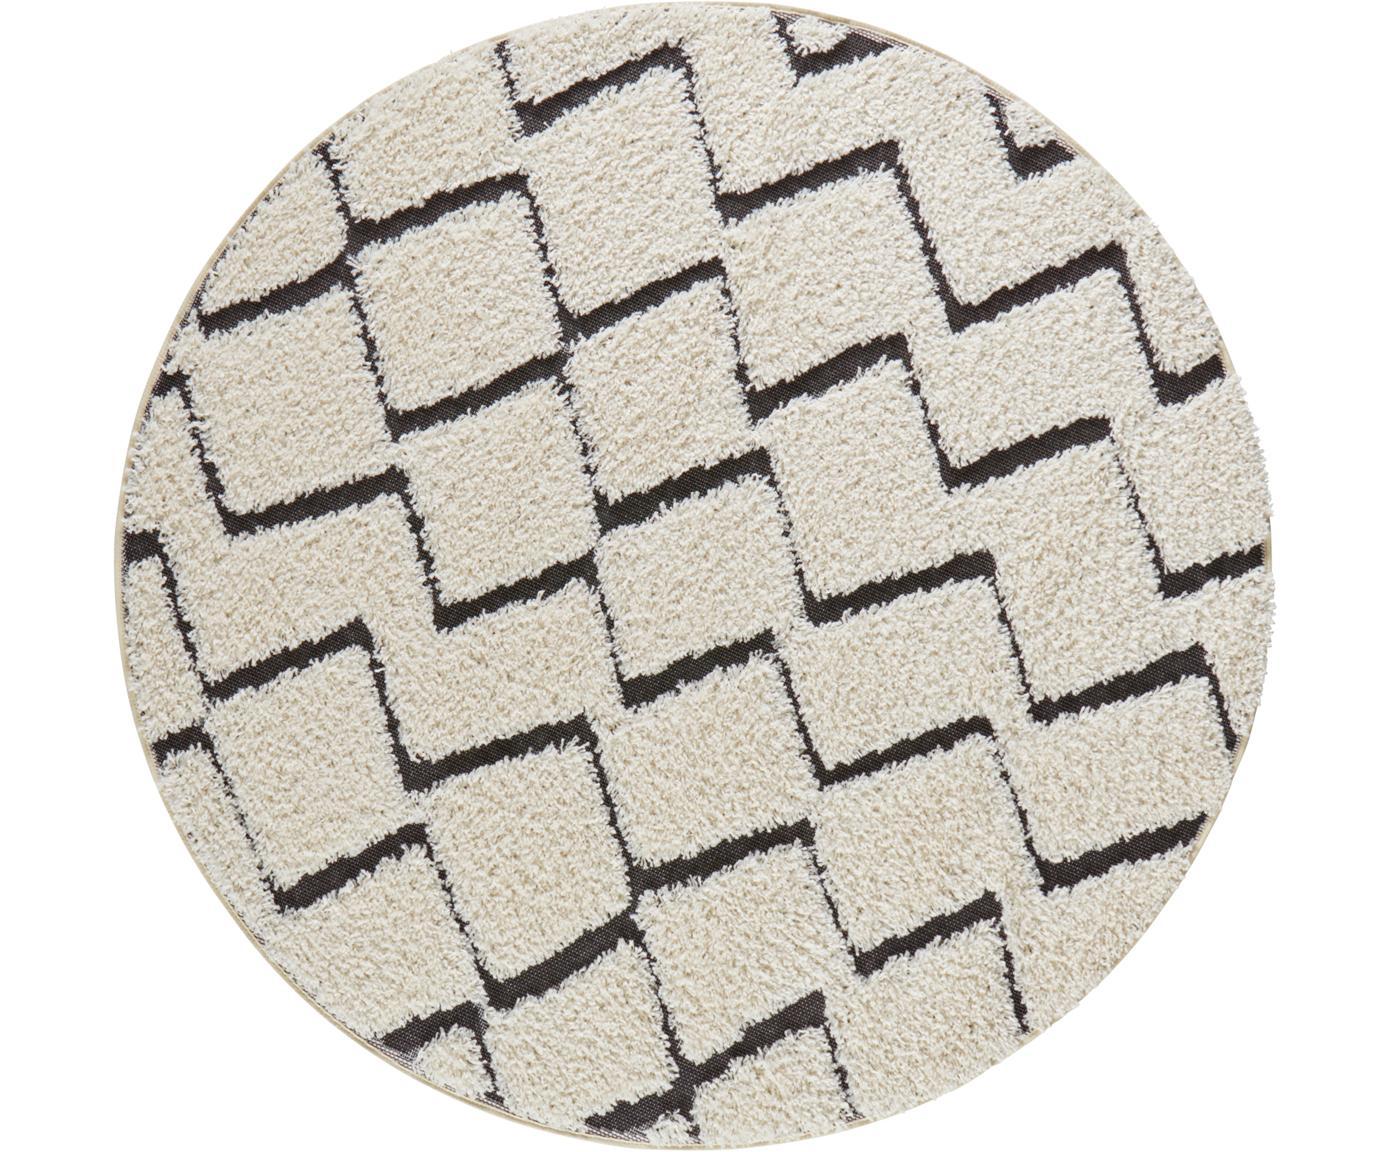 Okrągły dywan wewnętrzny/zewnętrzny Dades, Odcienie kremowego, czarny, Ø 160 cm (Rozmiar L)